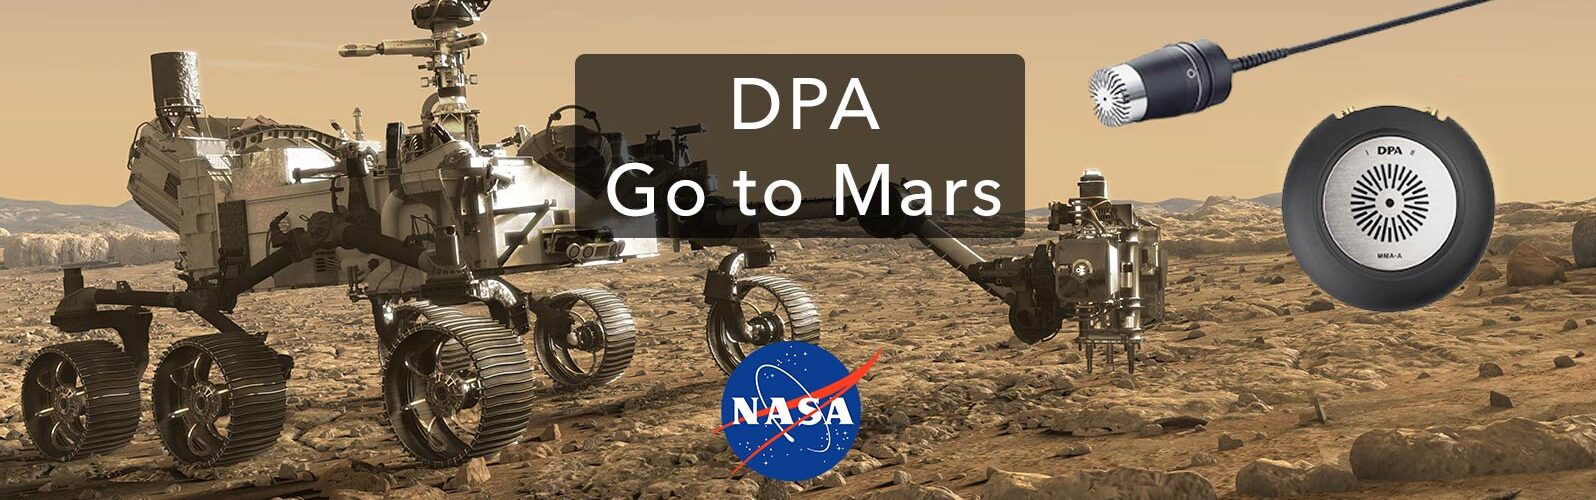 DPA-Gose-to-Mars